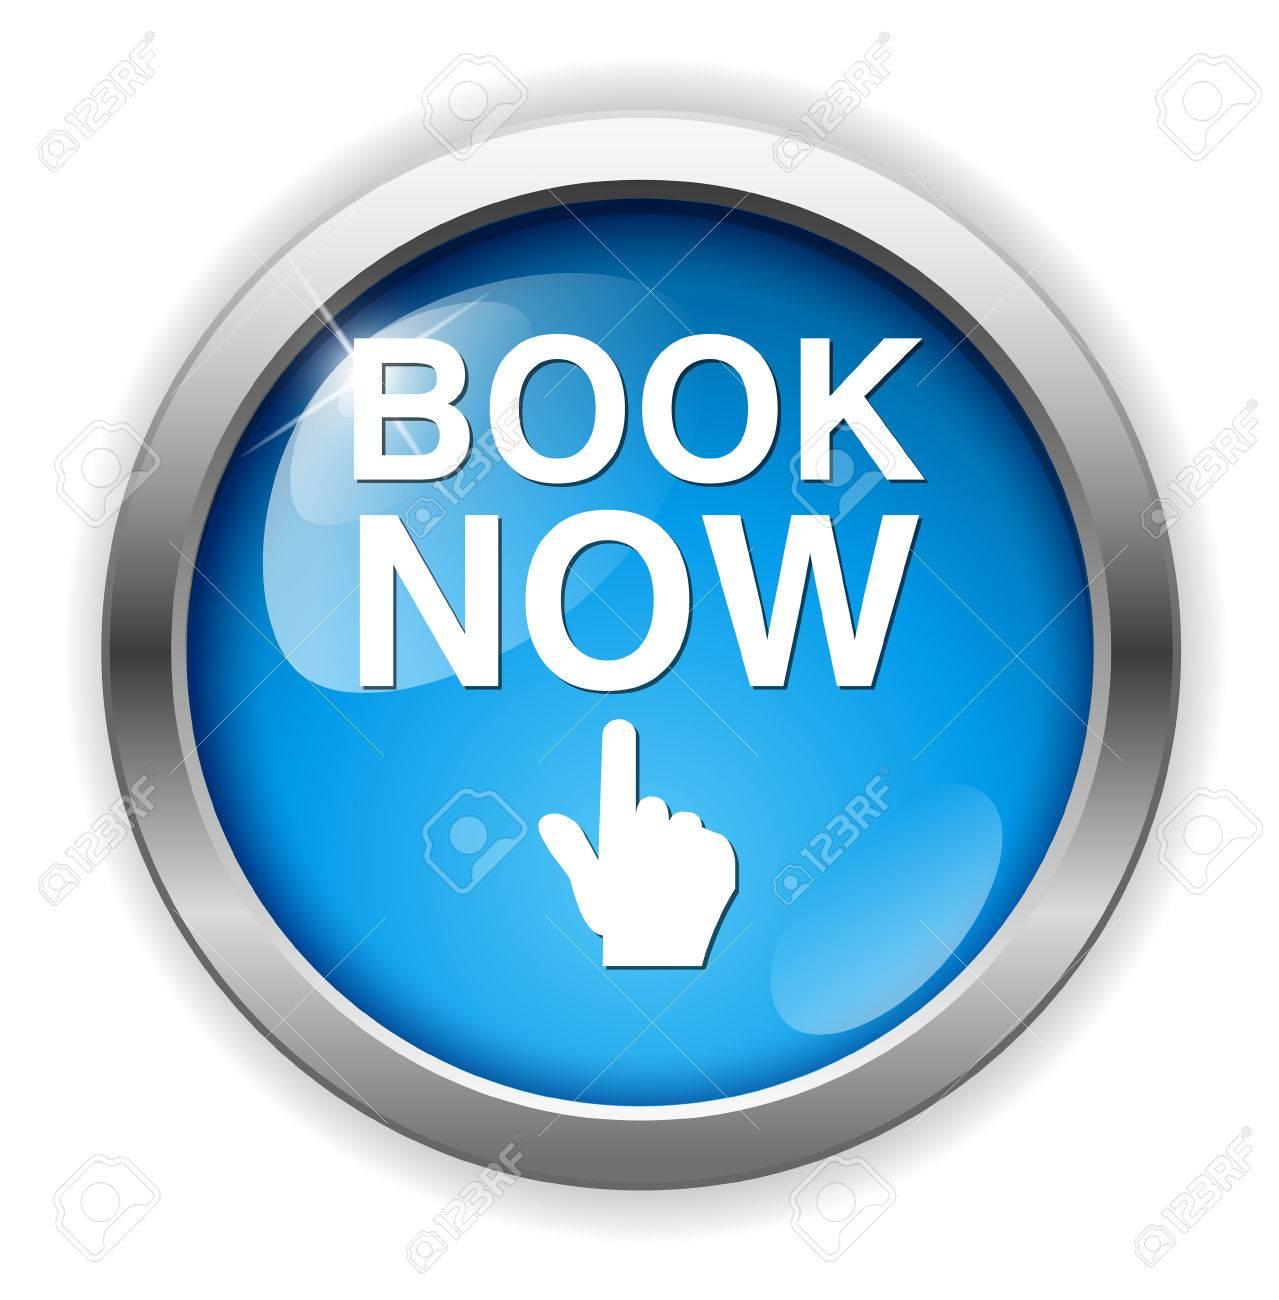 book now button - 37938832